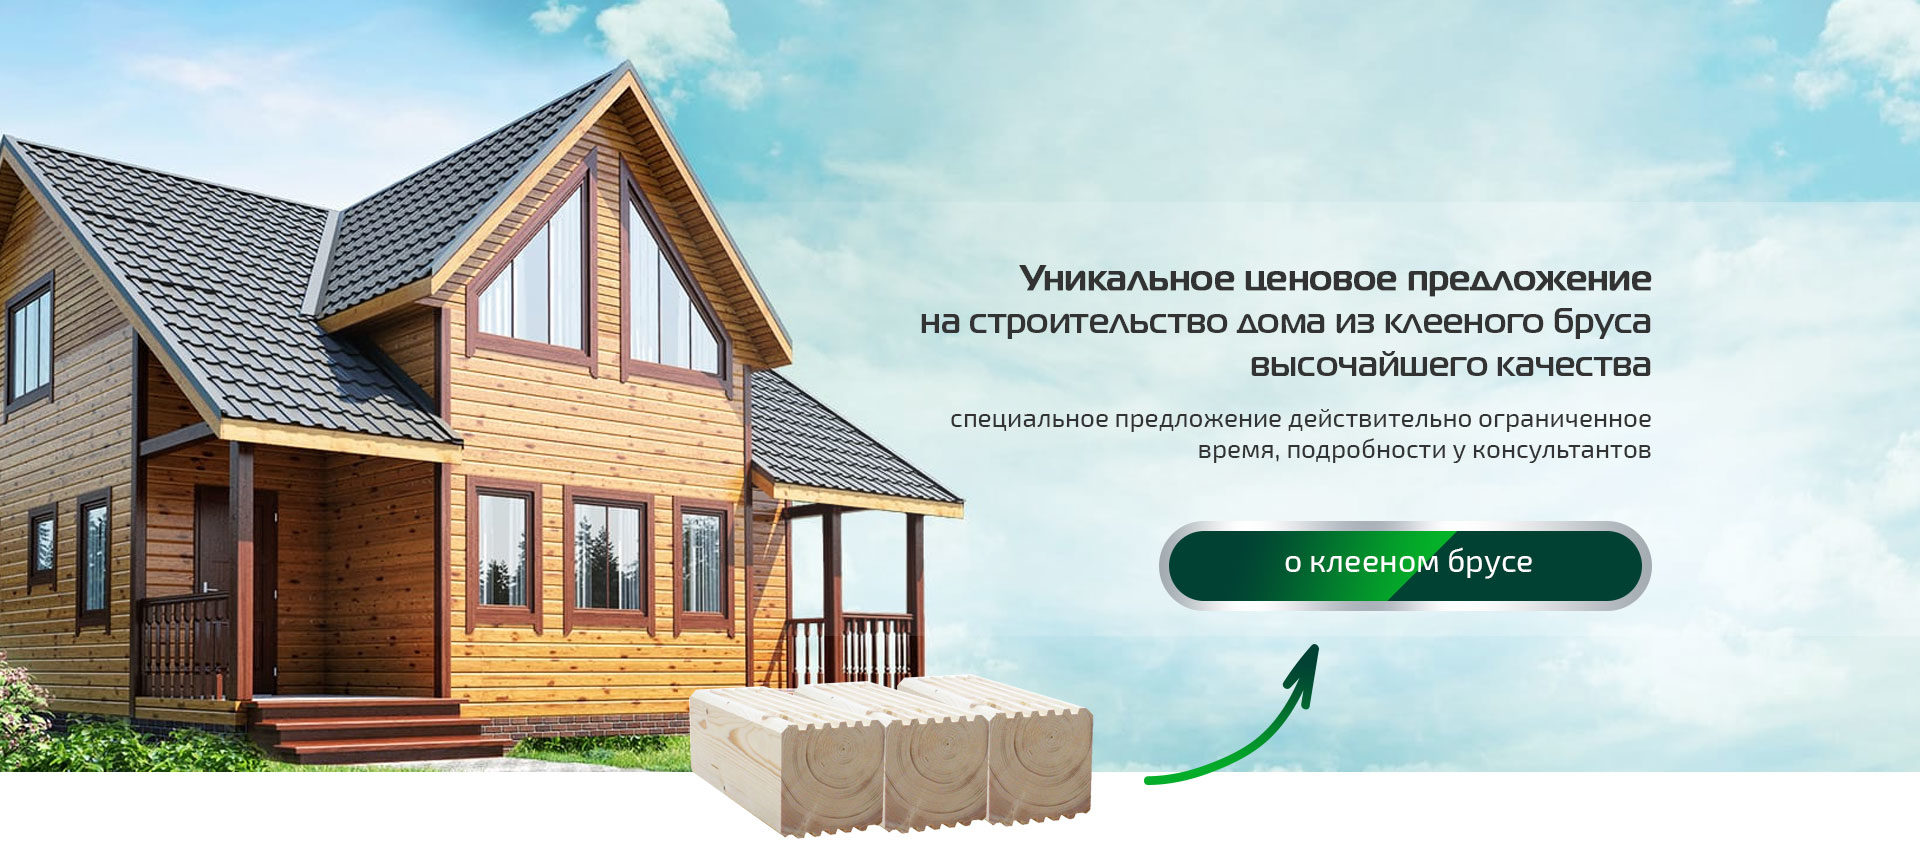 Как организовать отопление двухэтажного дома из бруса?